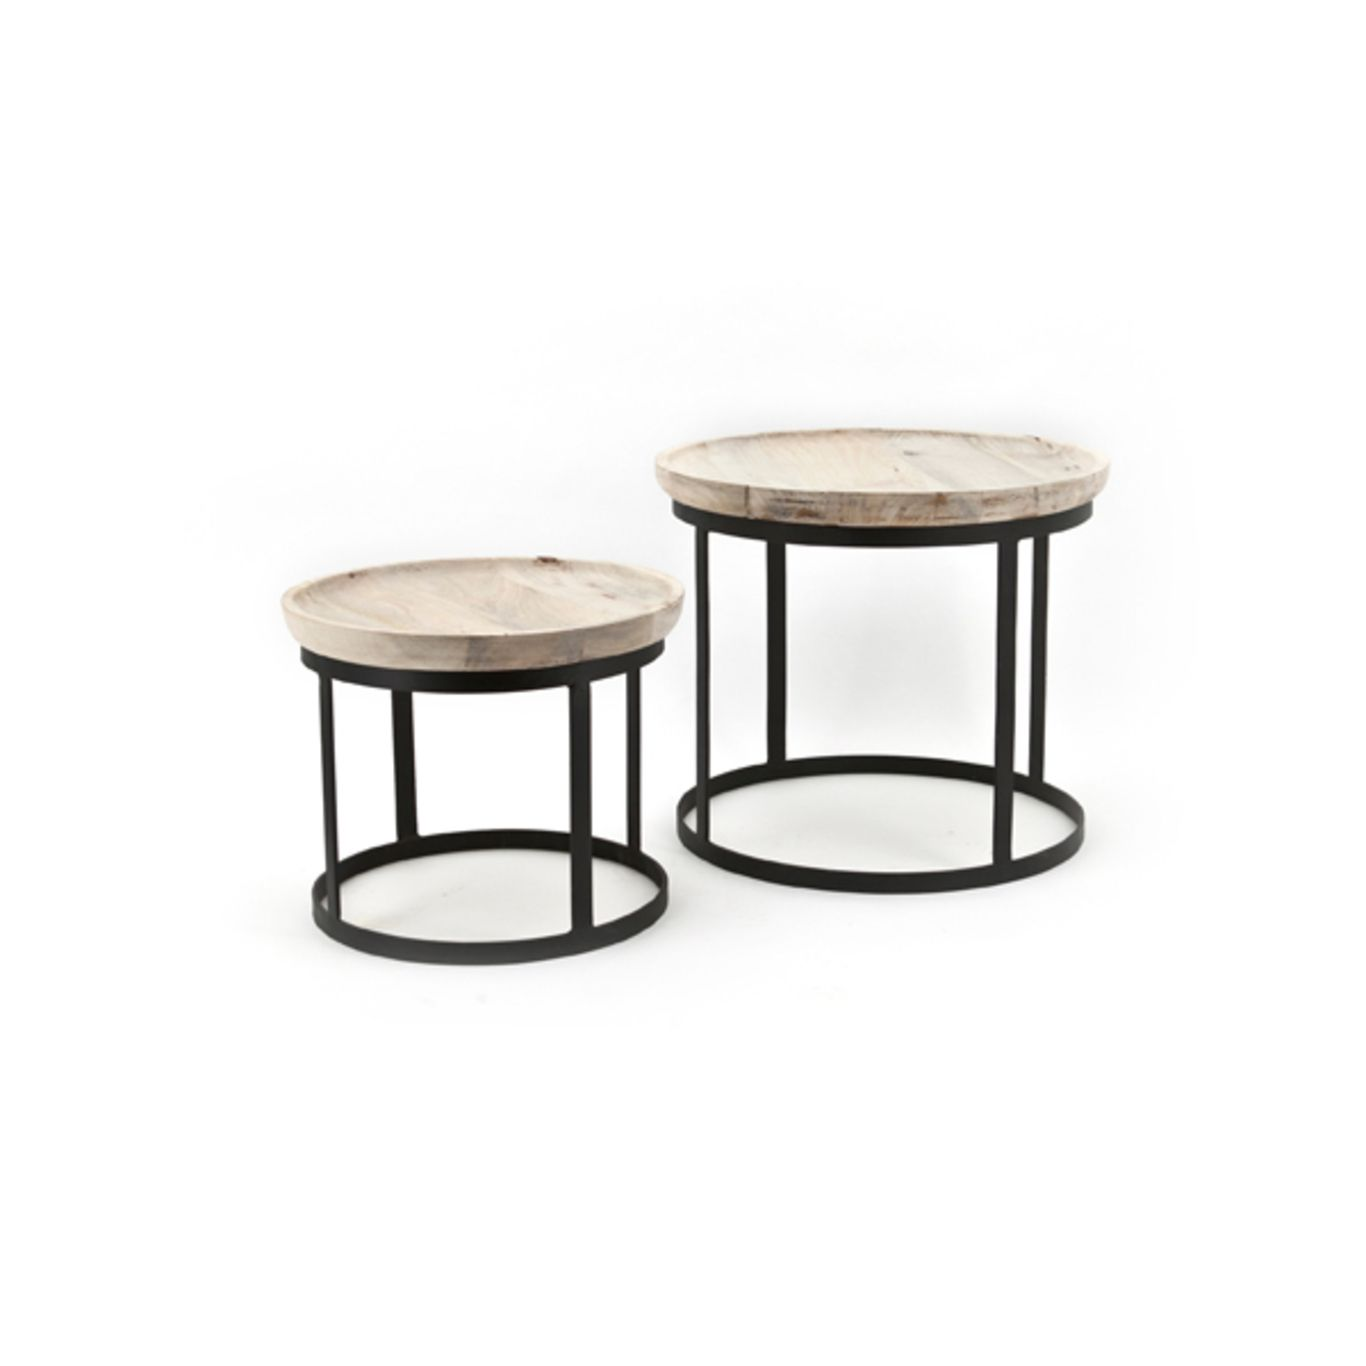 By-Boo salontafel Coffee table set - Nu voor € 229,00 bij SfeervolWonen.com Online Store